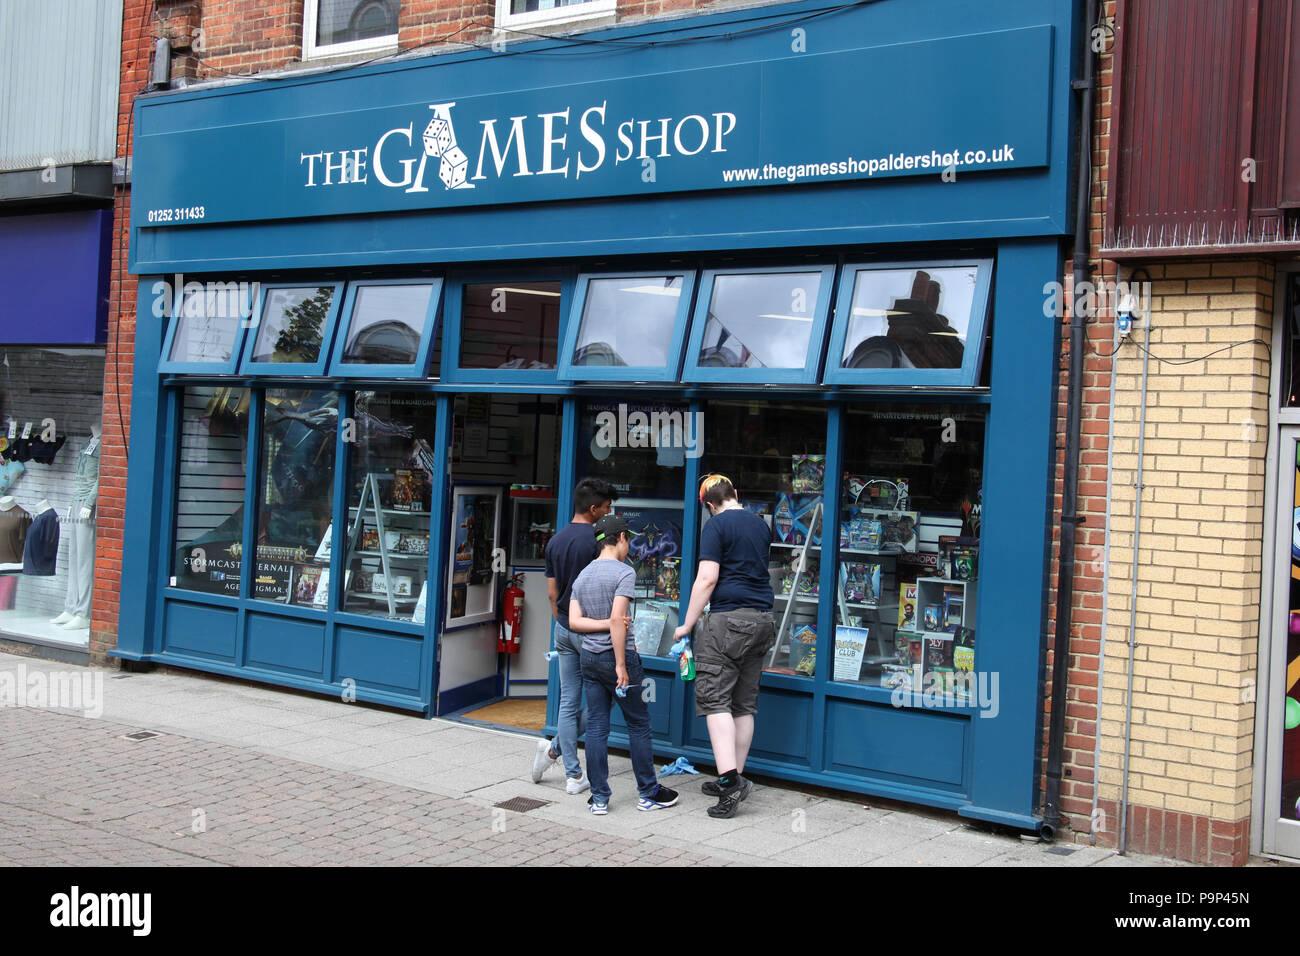 The Games Shop, Aldershot, UK. - Stock Image